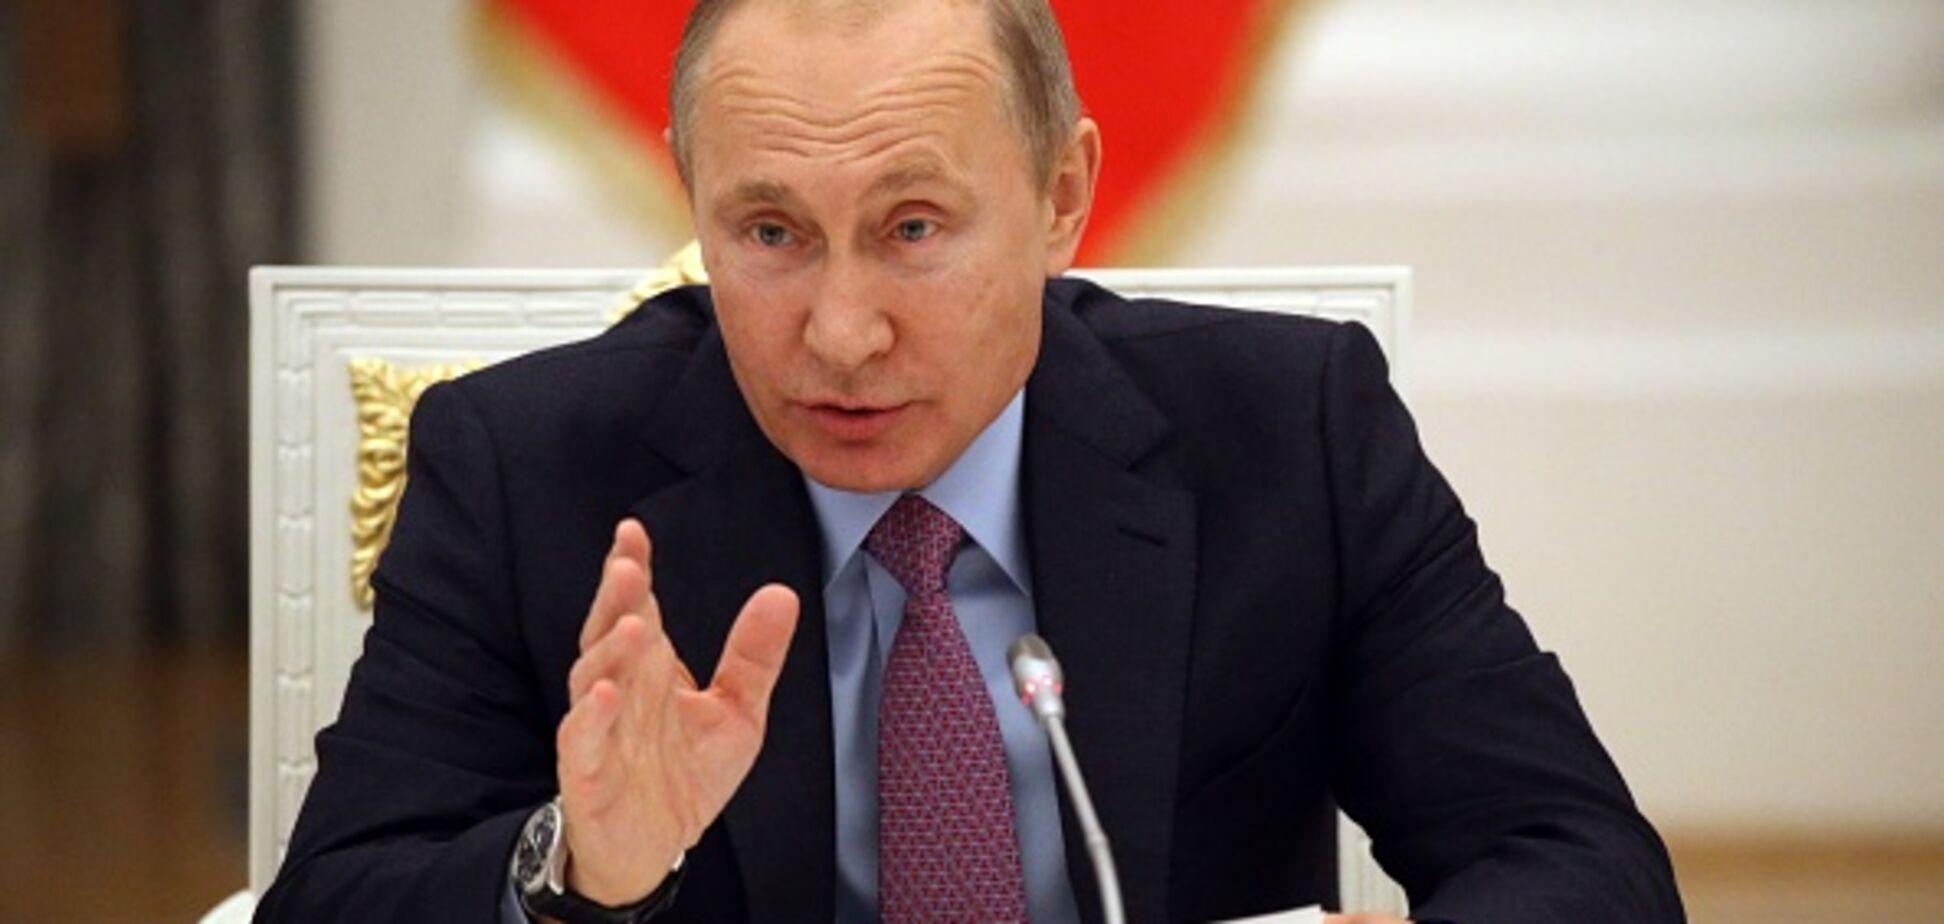 'Как вы это терпите?!' Путин впал в истерику, говоря о Саакашвили